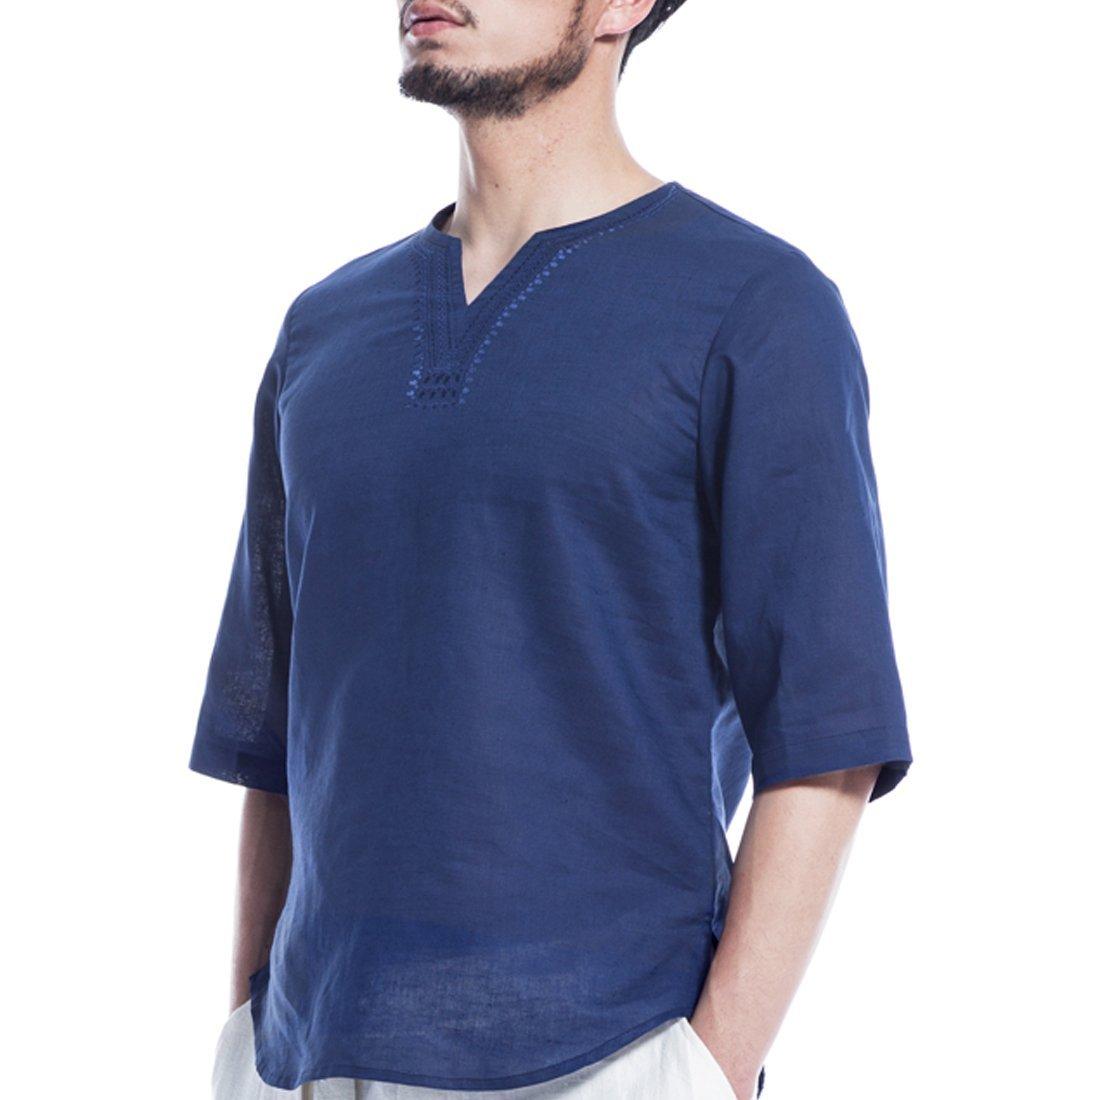 Kung Fu Smith SHIRT メンズ US サイズ: XL カラー: ブルー